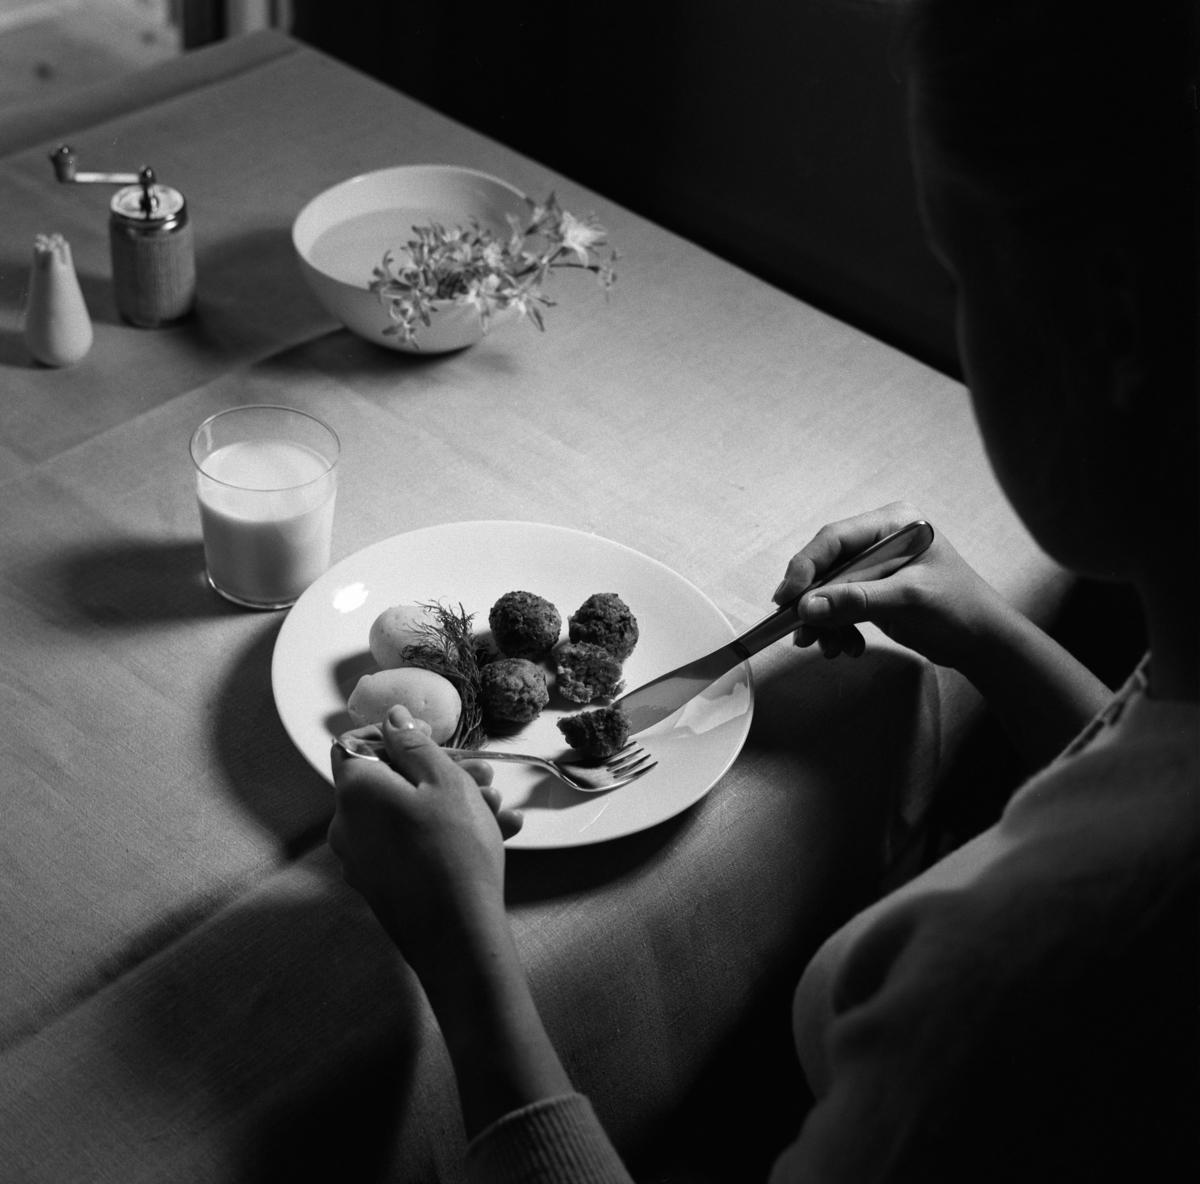 Servus bestick Kvinna som äter köttbullar och potatis. C.-H. Stålhanes servis från Rörstrand och Servus bestick av Sigurd Persson från Kooperativa Förbundet